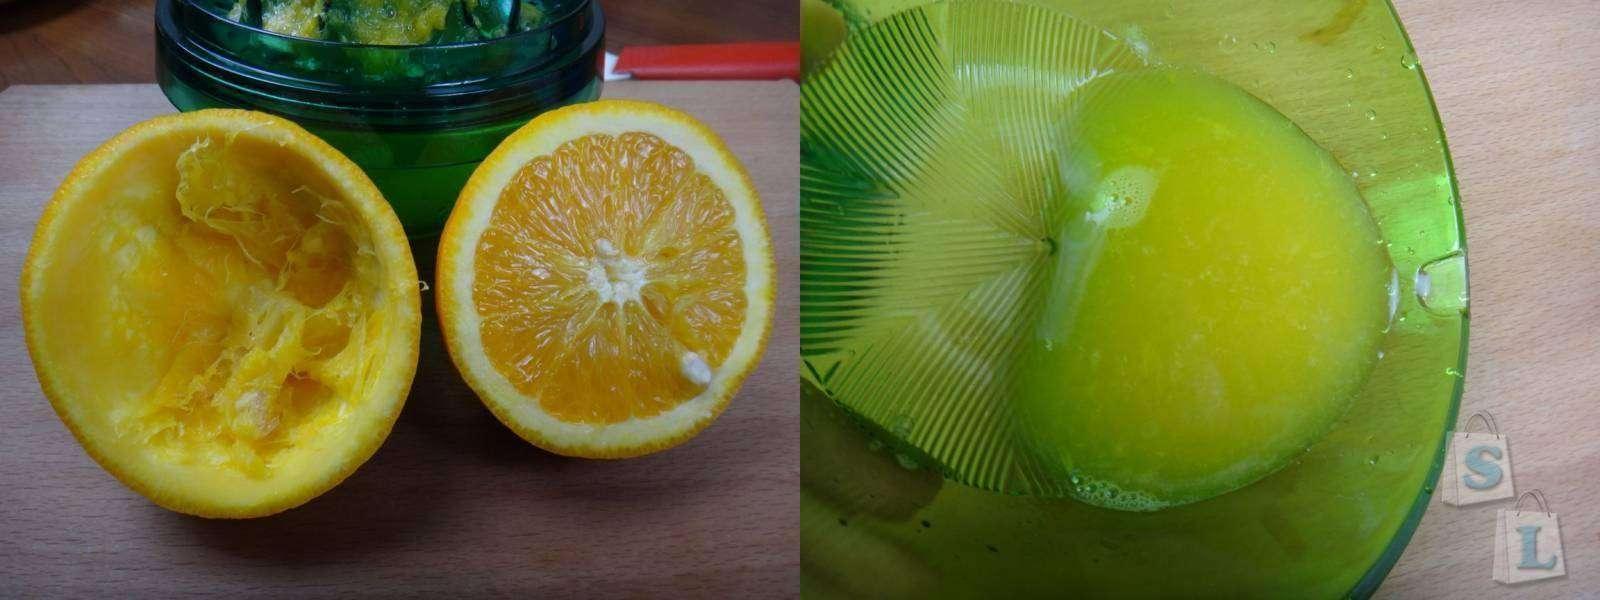 Banggood: Обзор набора для очистки и нарезки фруктов